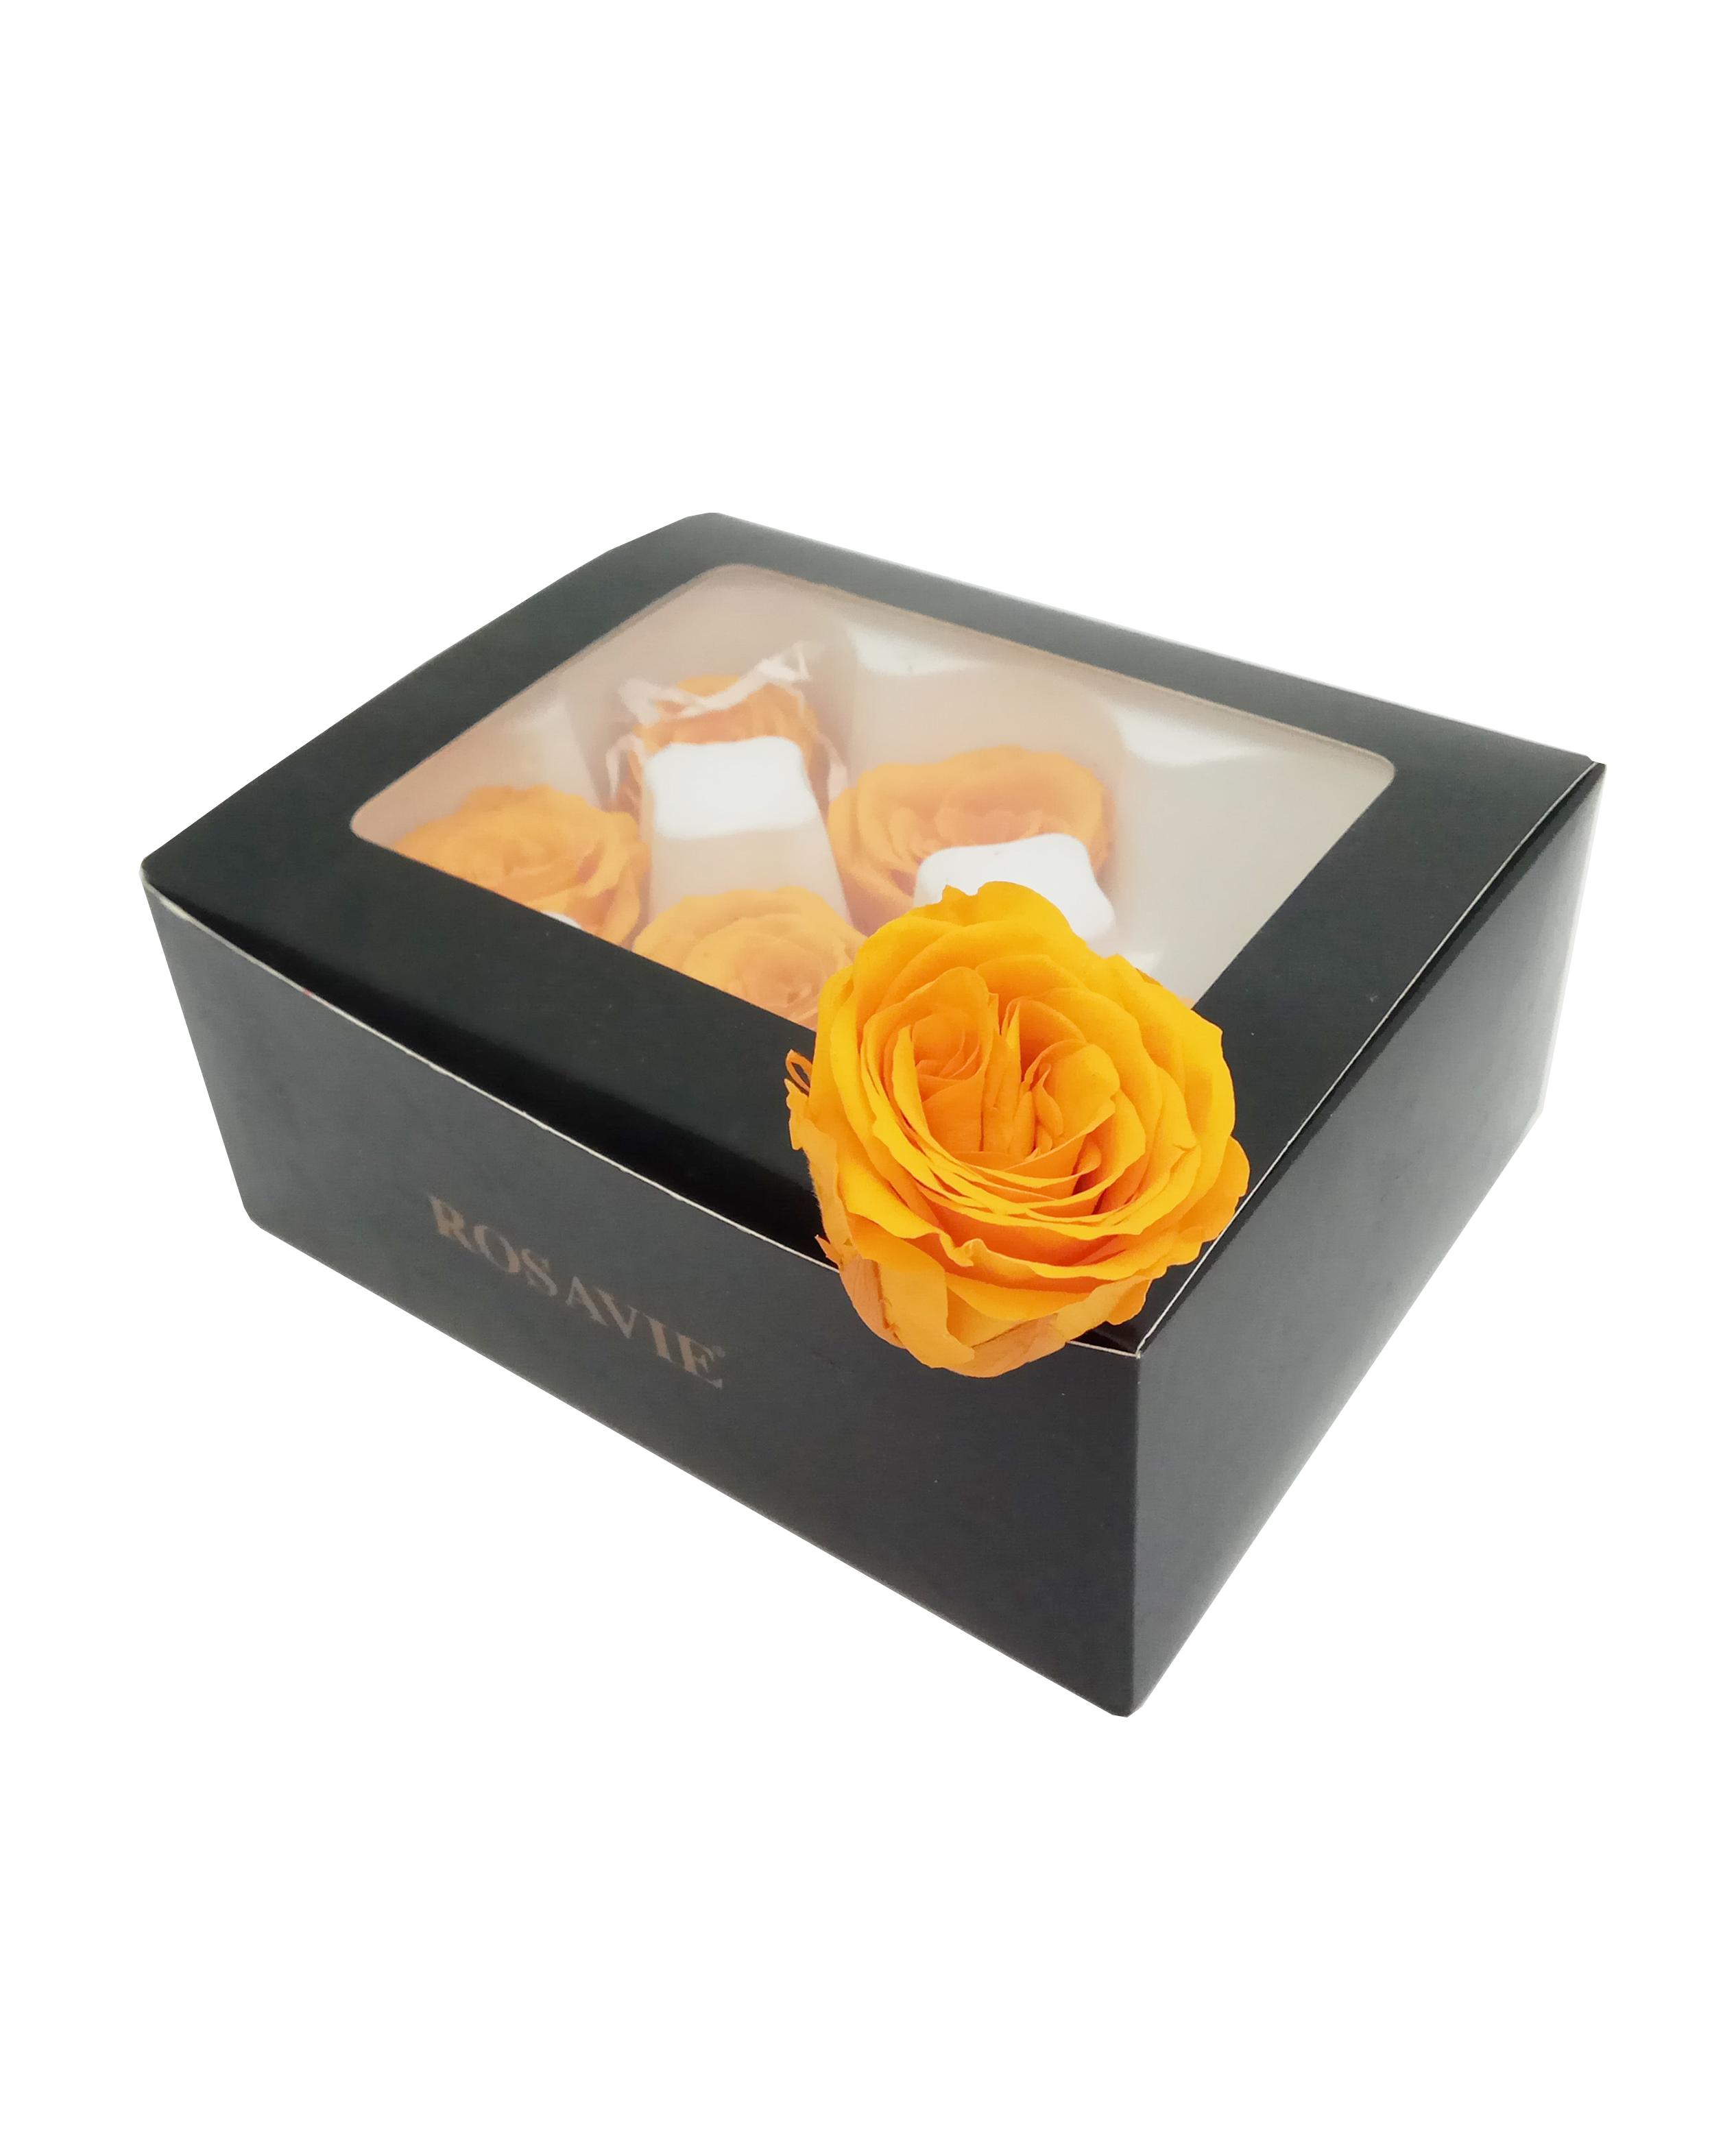 Роза открытая H-5.5см, D-4.5см, цвет оранжевый 6шт/упак